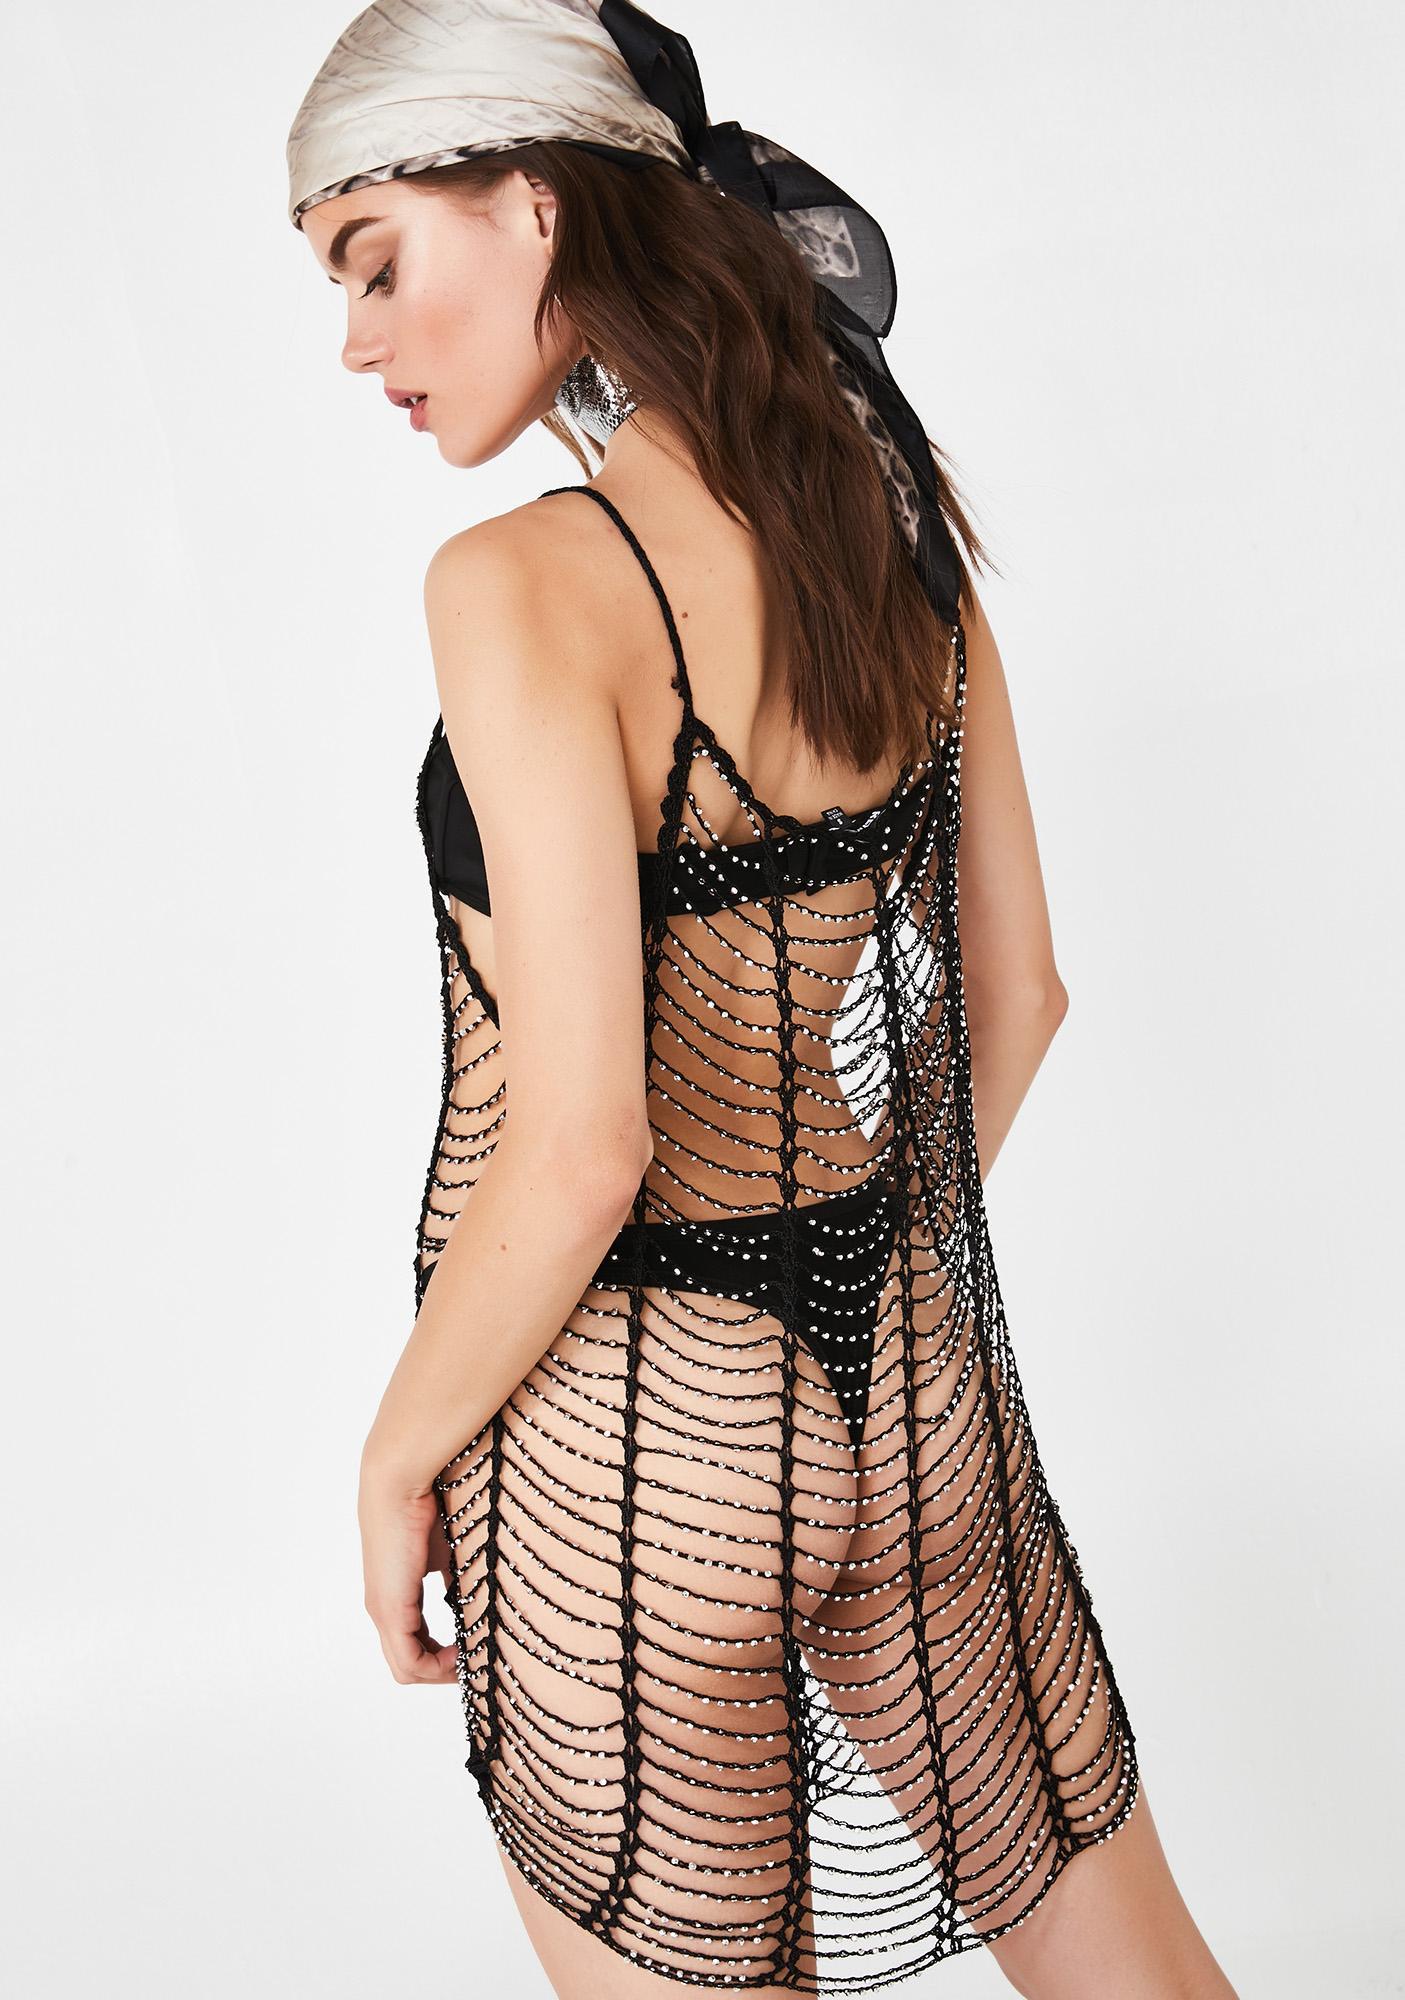 Mayhem Mistress Mini Dress